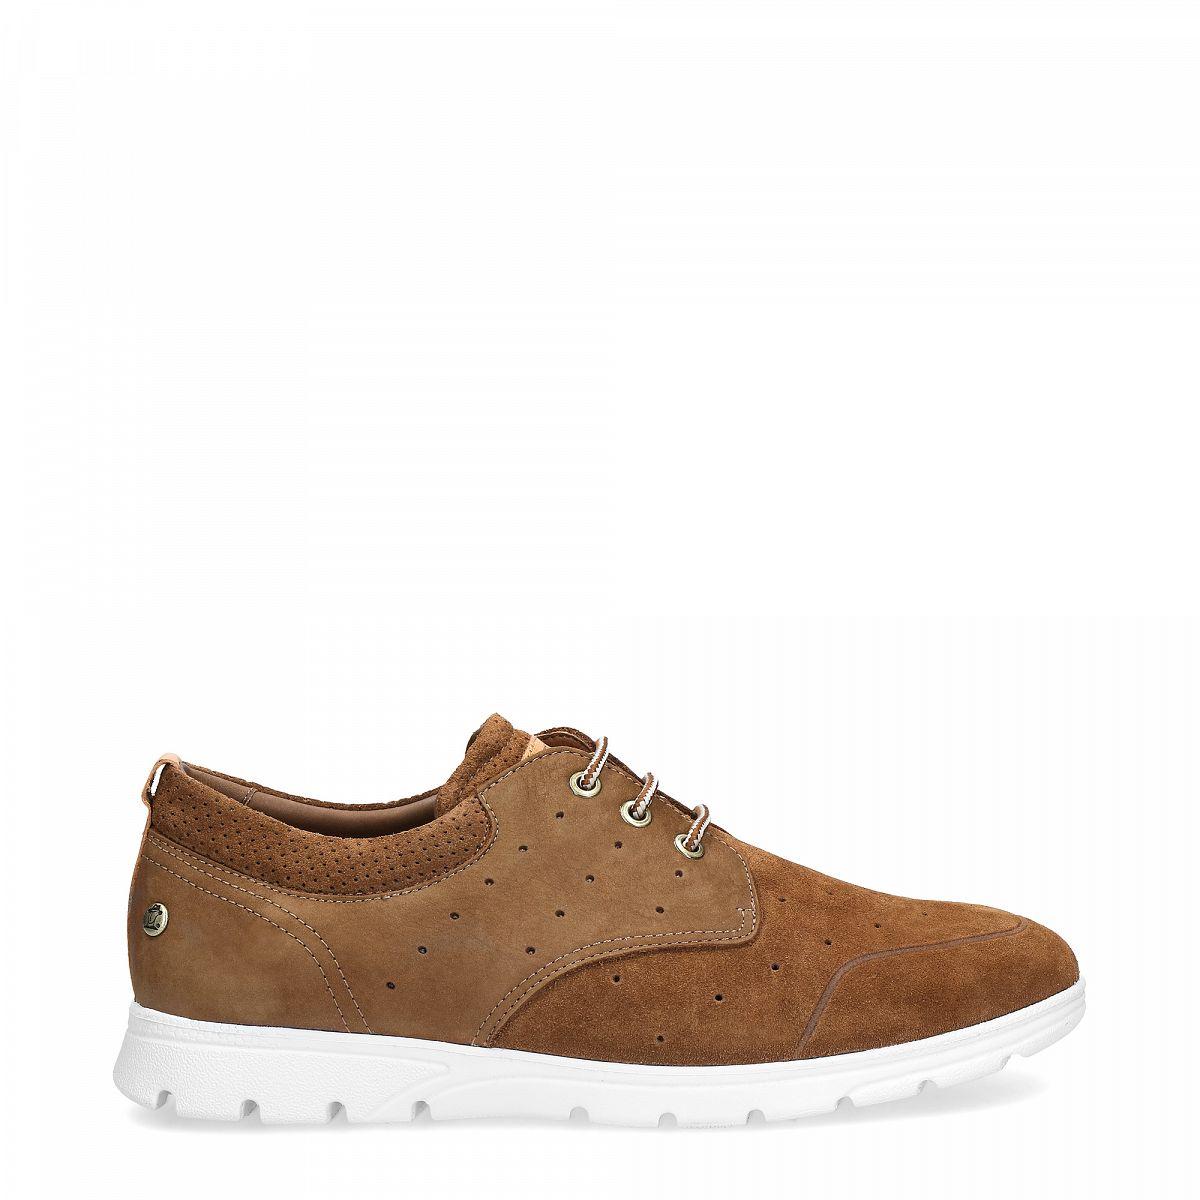 eb37ad961b Zapato de piel cuero con forro de piel